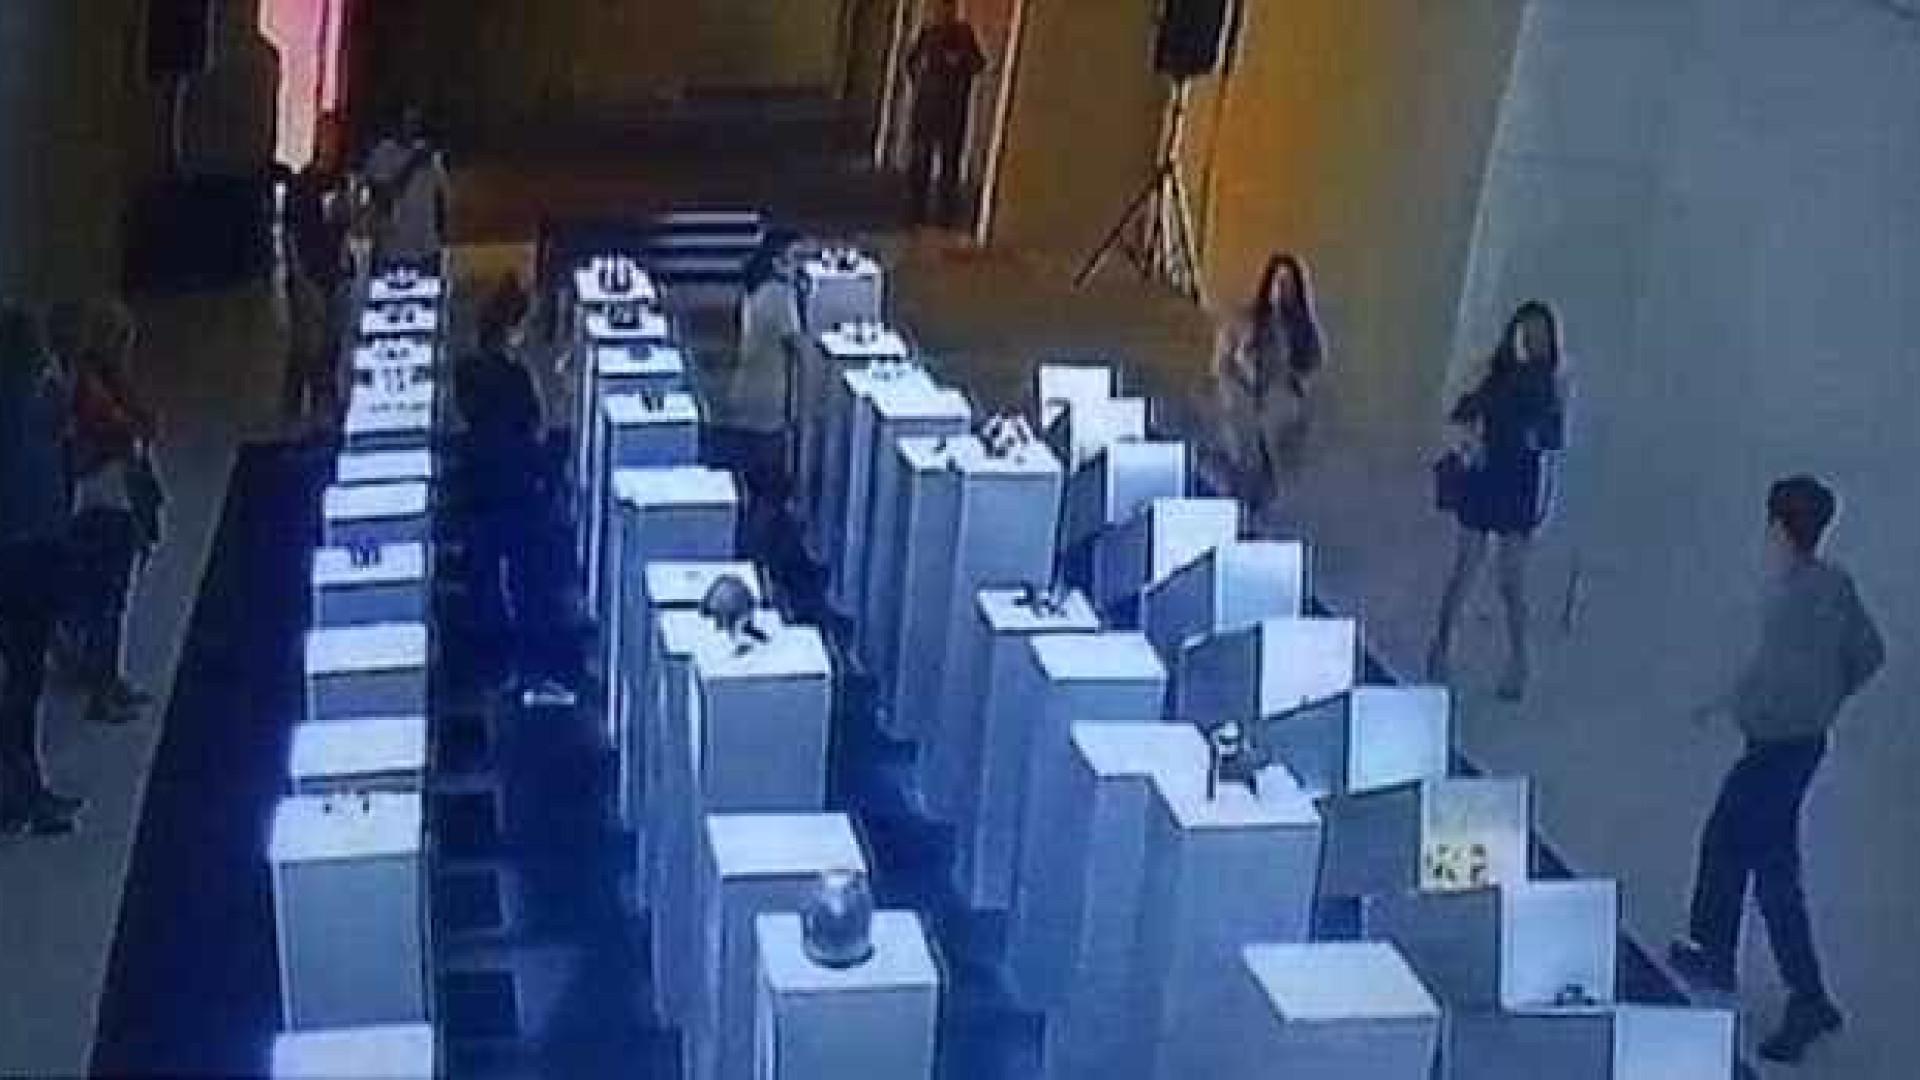 Quis tirar uma selfie e provocou prejuízo de milhares de euros